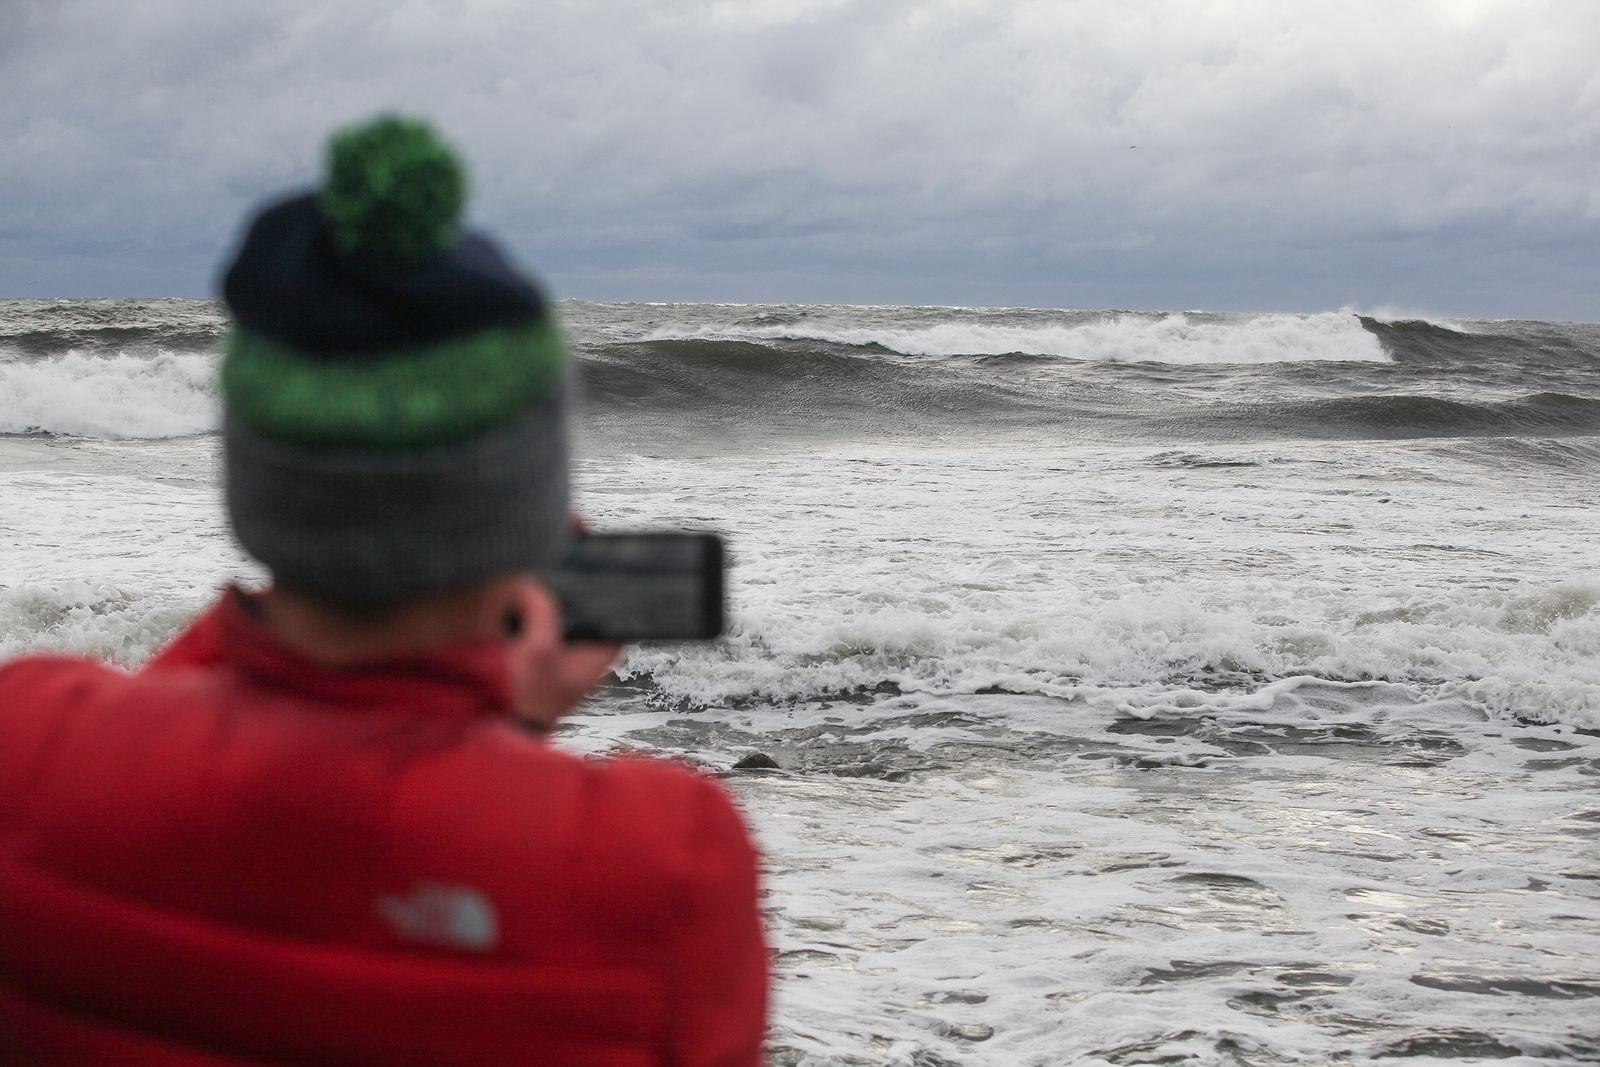 Amerikanen Steve Batten, som bott många år på Hawaii, imponerades av kvaliteten på Östersjöns vågor.